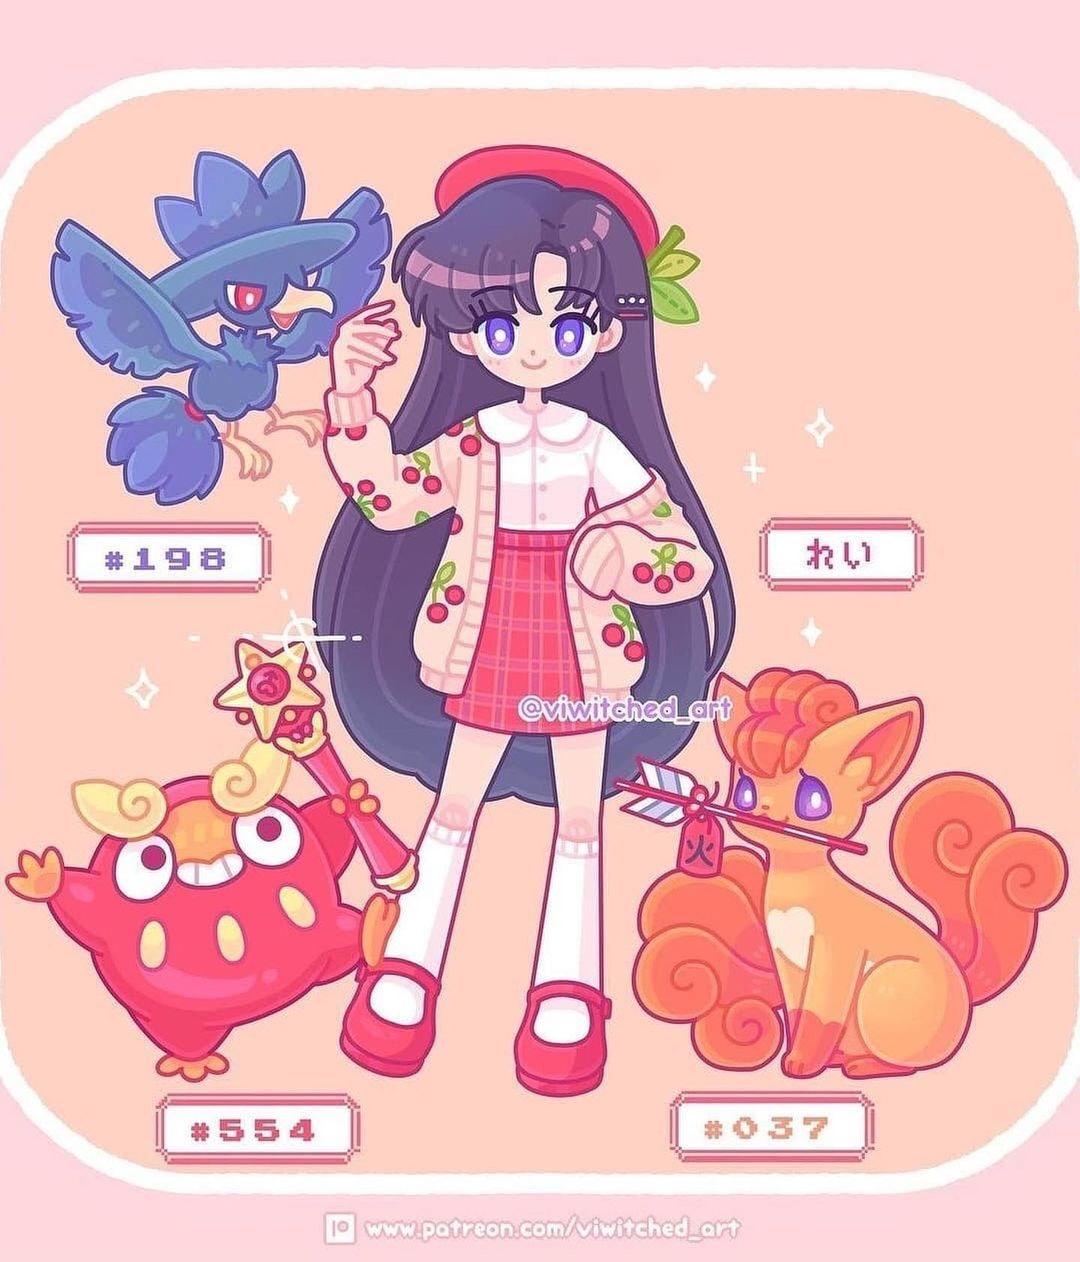 sailor mars pokemon entrenadora